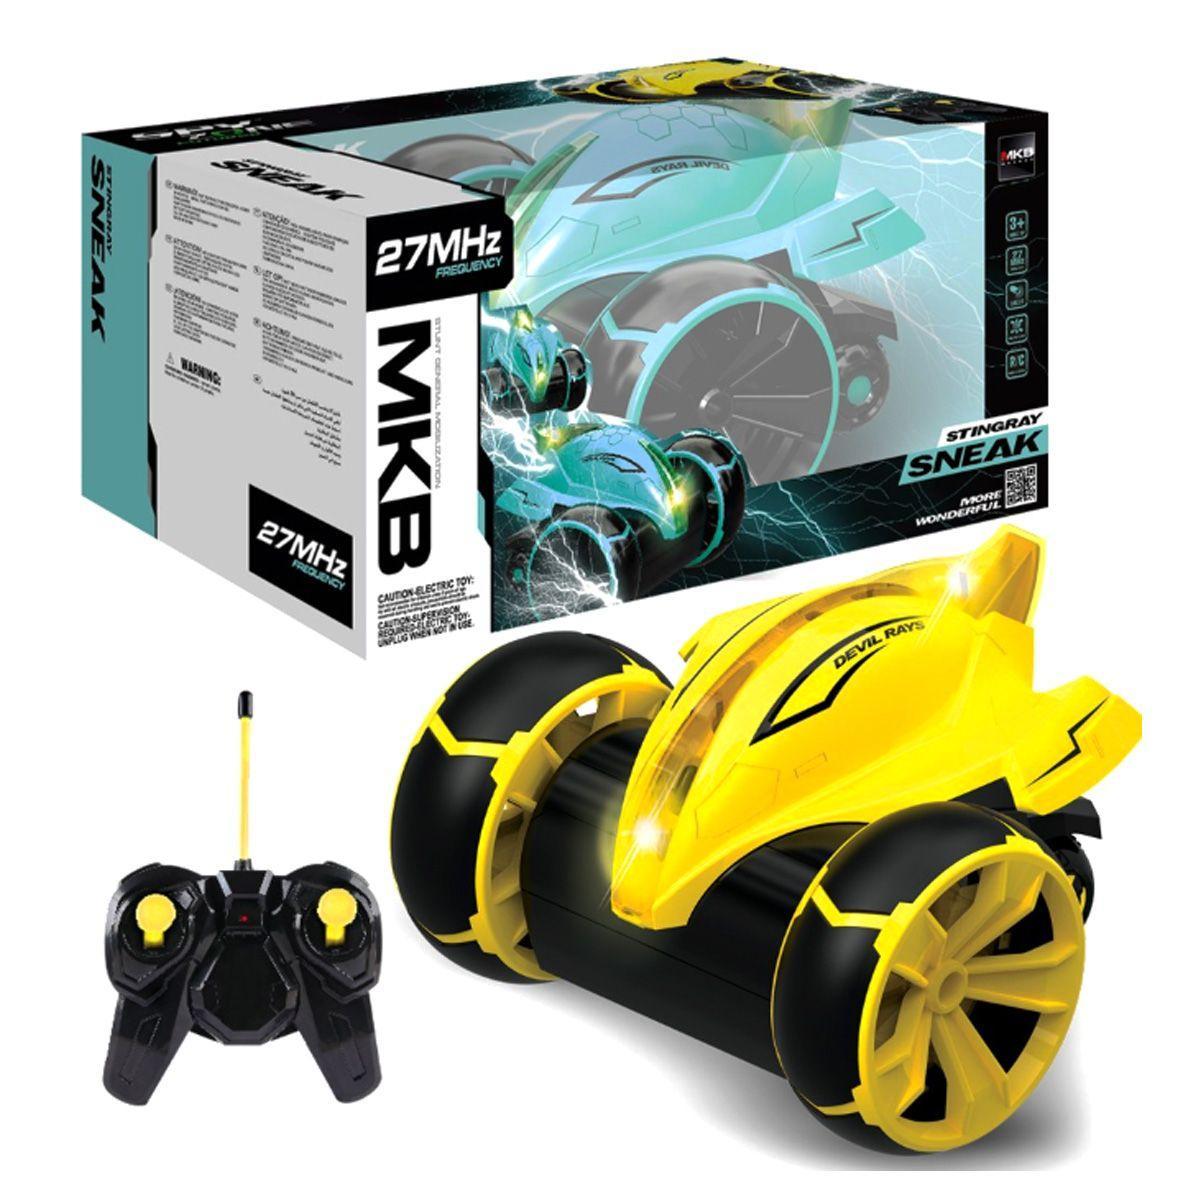 """Машинка перевертиш на радіокеруванні гоночна """"Stingray Sneak"""" (жовтий) MKB (5588-612)"""